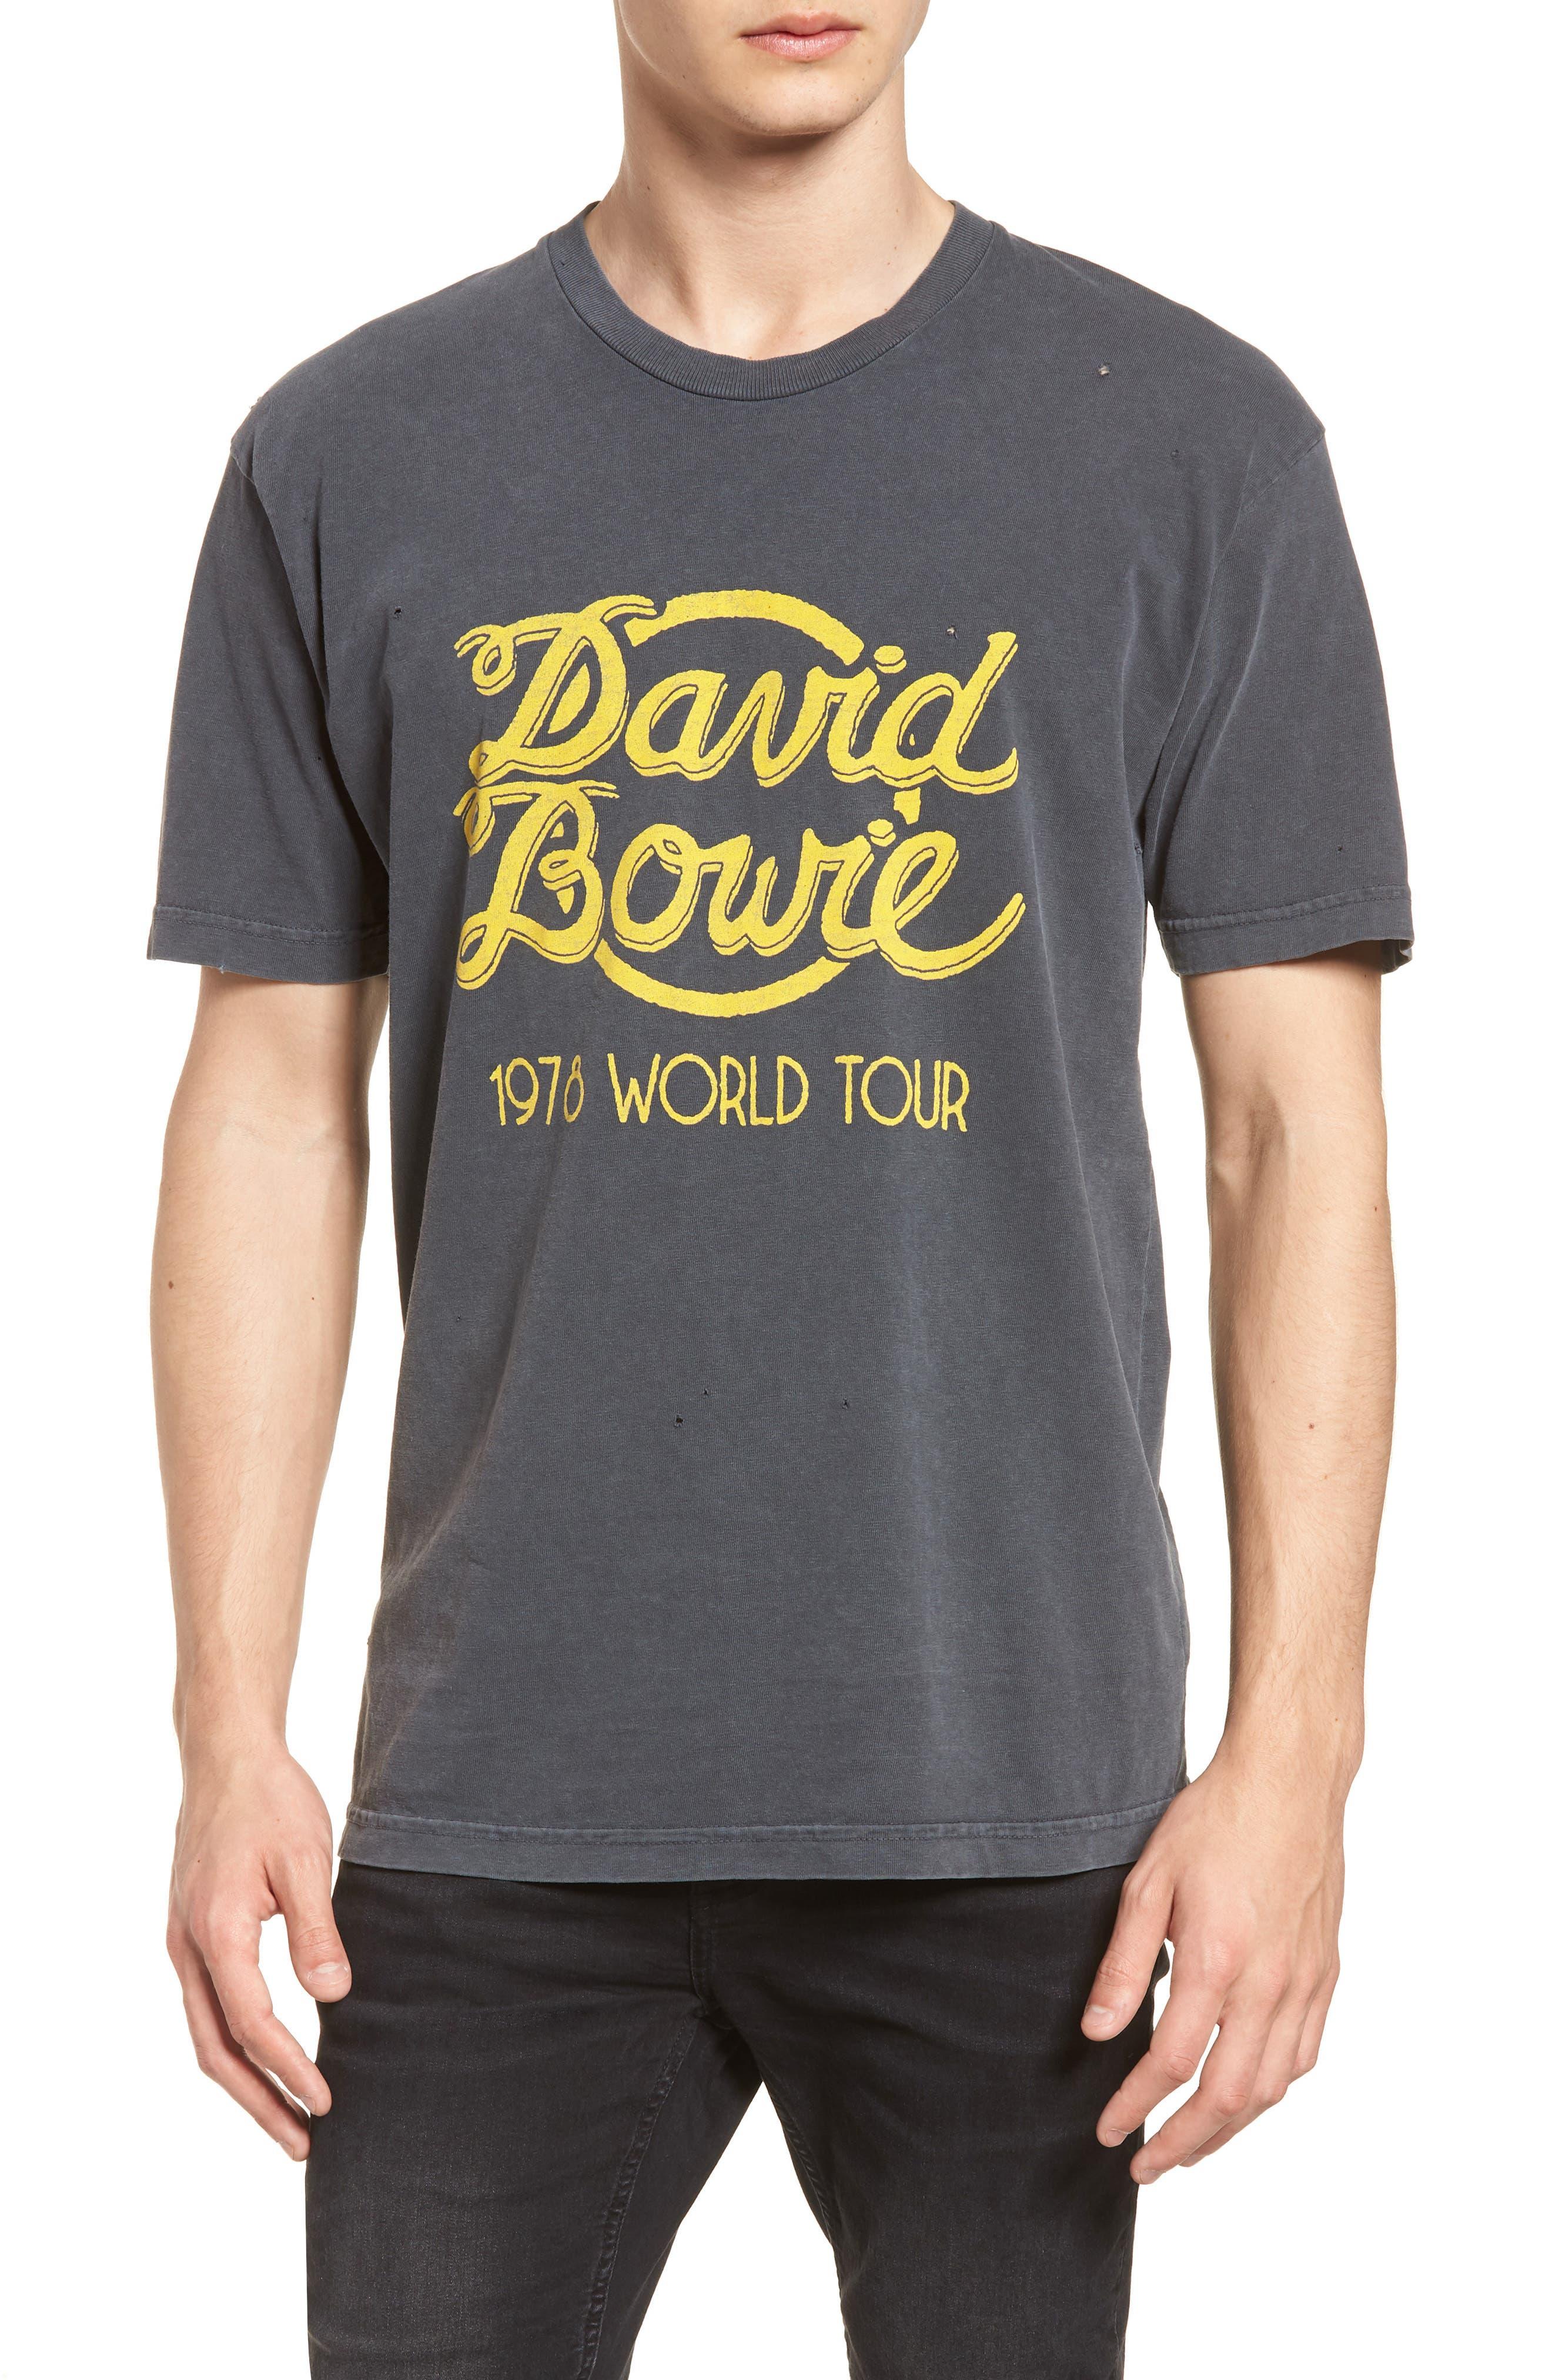 Original Retro Brand Bowie Graphic T-Shirt